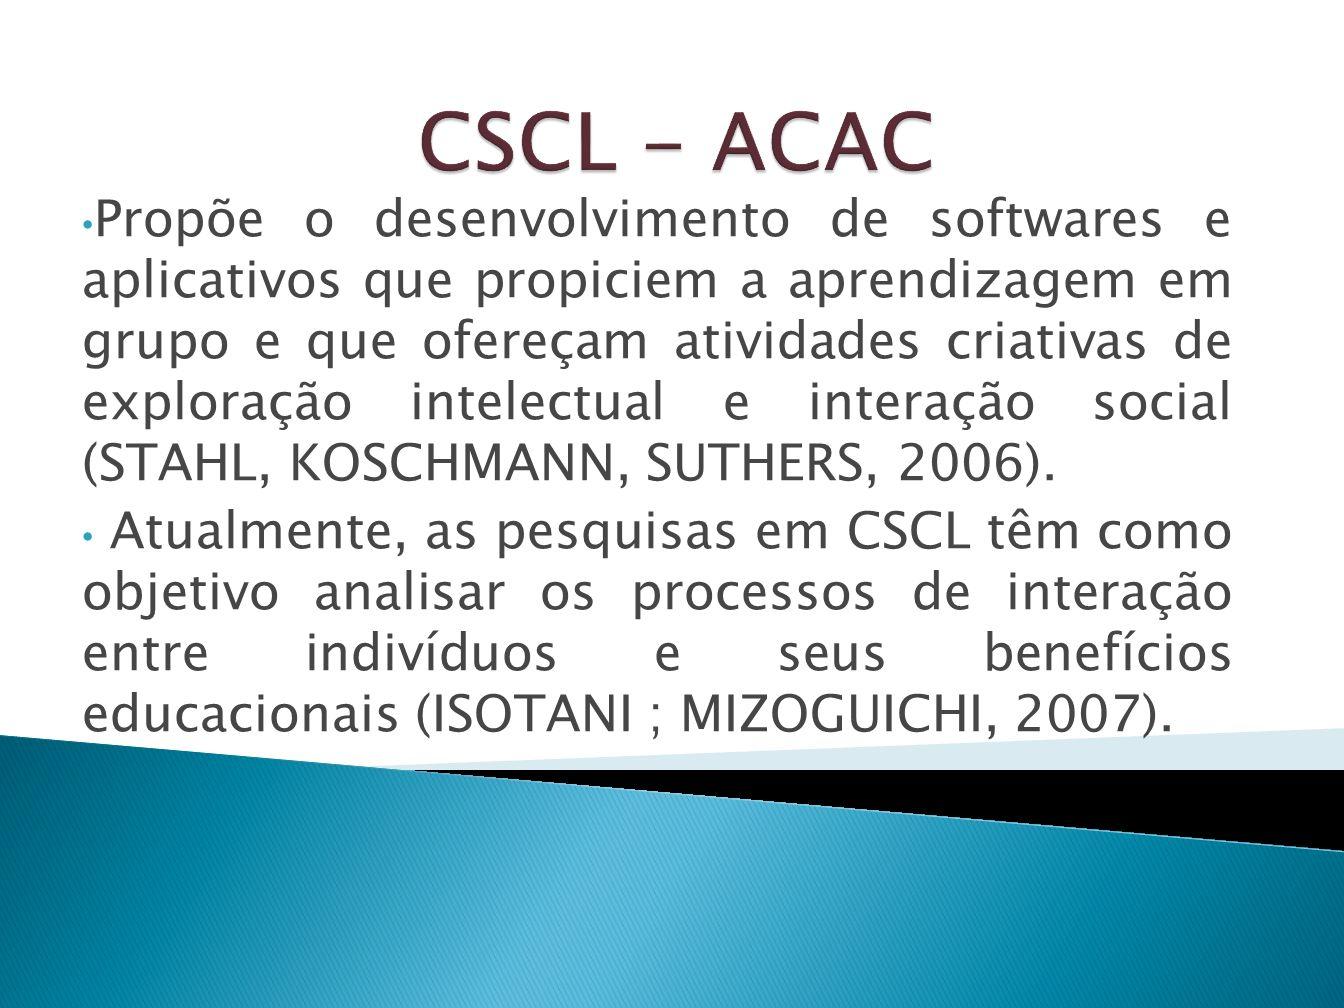 A CSCL apoiada pelas teorias cognitivistas pode contribuir para aprimorar os processos comunicacionais da prática docente online, no fórum de discussão?